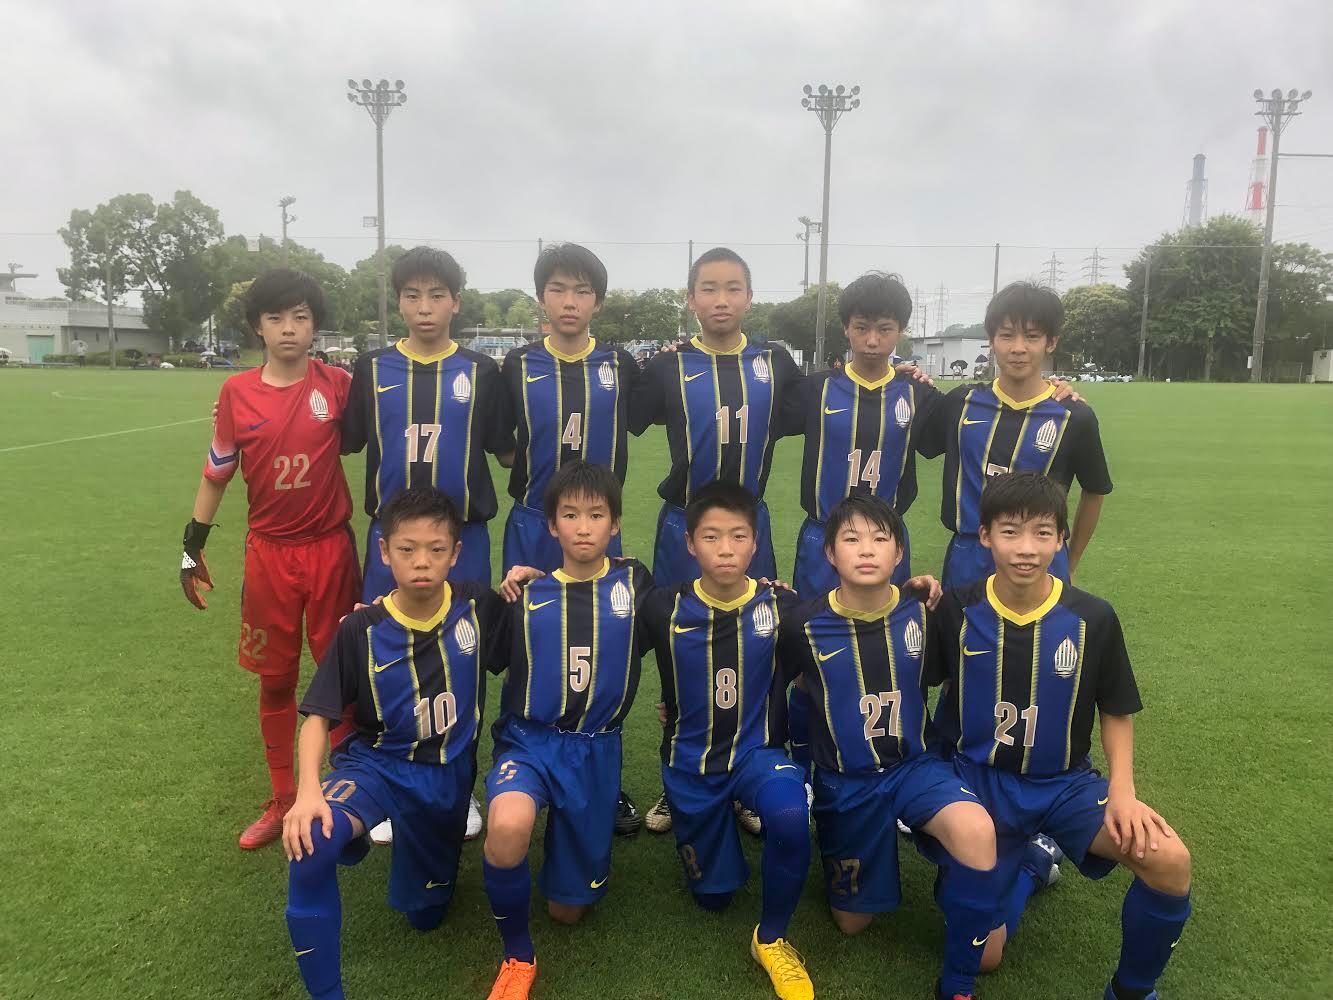 【U14】千葉県クラブユース(U-14)上位リーグ 第1節 結果